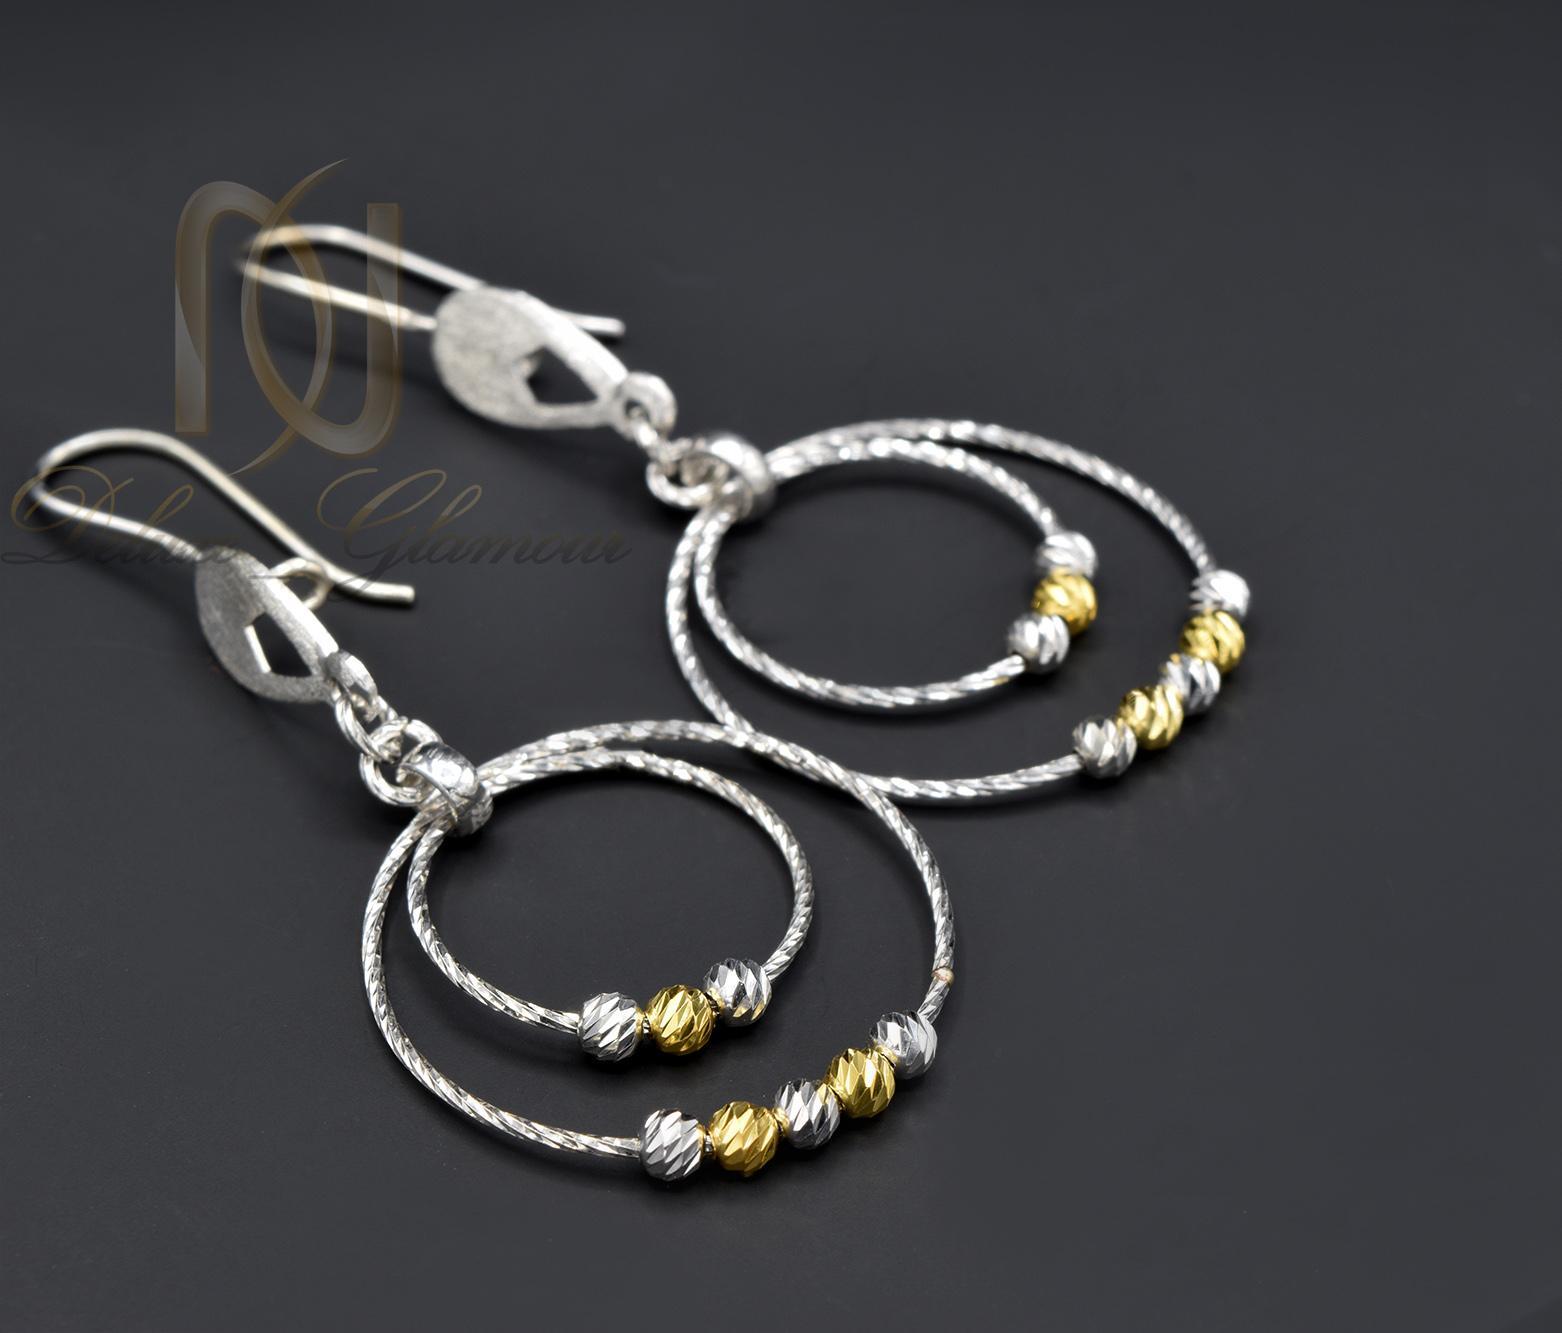 گوشواره زنانه نقره طرح حلقه بزرگ er-n161 از نمای مشکی